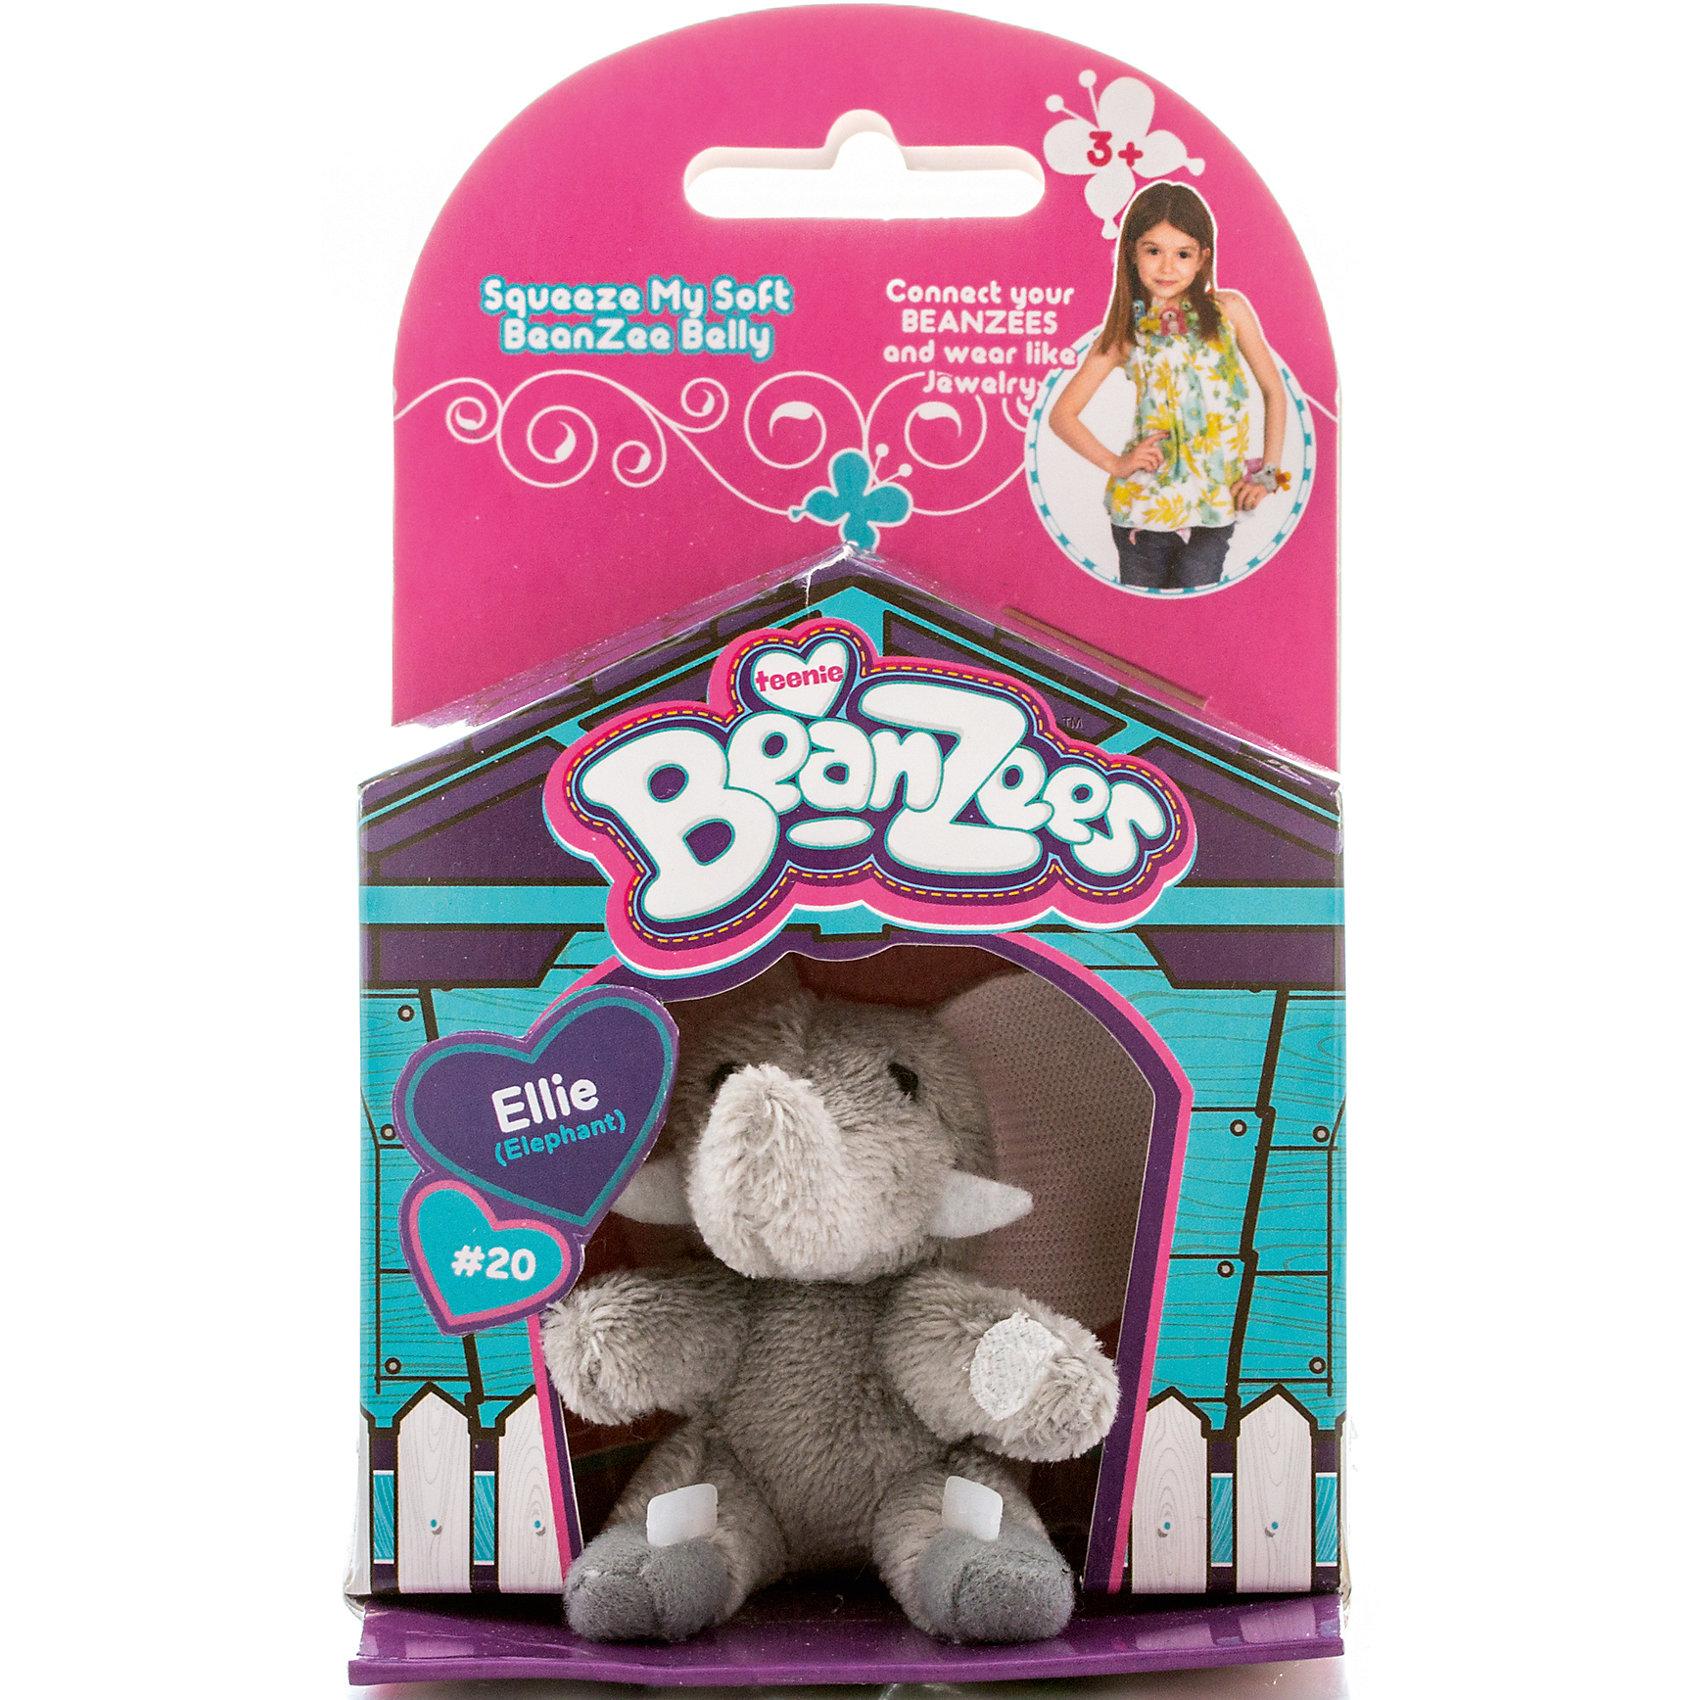 Мини-плюш Серый слон, BeanzeezХарактеристики товара:<br><br>• цвет: серый<br>• особенности: наличие на лапках липучек, игрушку можно соединять с другими героями из серии<br>• материал: пластик, текстиль<br>• размер упаковки: 9х5,5х14,5 см.<br>• высота игрушки: 5 см<br>• возраст: от 3 лет<br>• страна бренда: США<br>• страна производства: Китай<br><br>Такая симпатичная игрушка не оставит ребенка равнодушным! Какой малыш откажется поиграть с маленькими плюшевыми игрушками из большой пушистой коллекции?! Игрушки очень качественно выполнены, поэтому такая фигурка станет отличным подарком ребенку. Благодаря липучкам на лапках животных можно соединить между собой. Дети приходят в восторг от этих игрушек!<br>Такие предметы помогают ребенку отрабатывать новые навыки и способности - развивать ловкость, мелкую моторику, воображение, мышление, логику. Изделие производится из качественных сертифицированных материалов, безопасных даже для самых маленьких.<br><br>Мини-плюш Серый слон от бренда Beanzeez можно купить в нашем интернет-магазине.<br><br>Ширина мм: 50<br>Глубина мм: 140<br>Высота мм: 85<br>Вес г: 73<br>Возраст от месяцев: 36<br>Возраст до месяцев: 2147483647<br>Пол: Женский<br>Возраст: Детский<br>SKU: 5218668